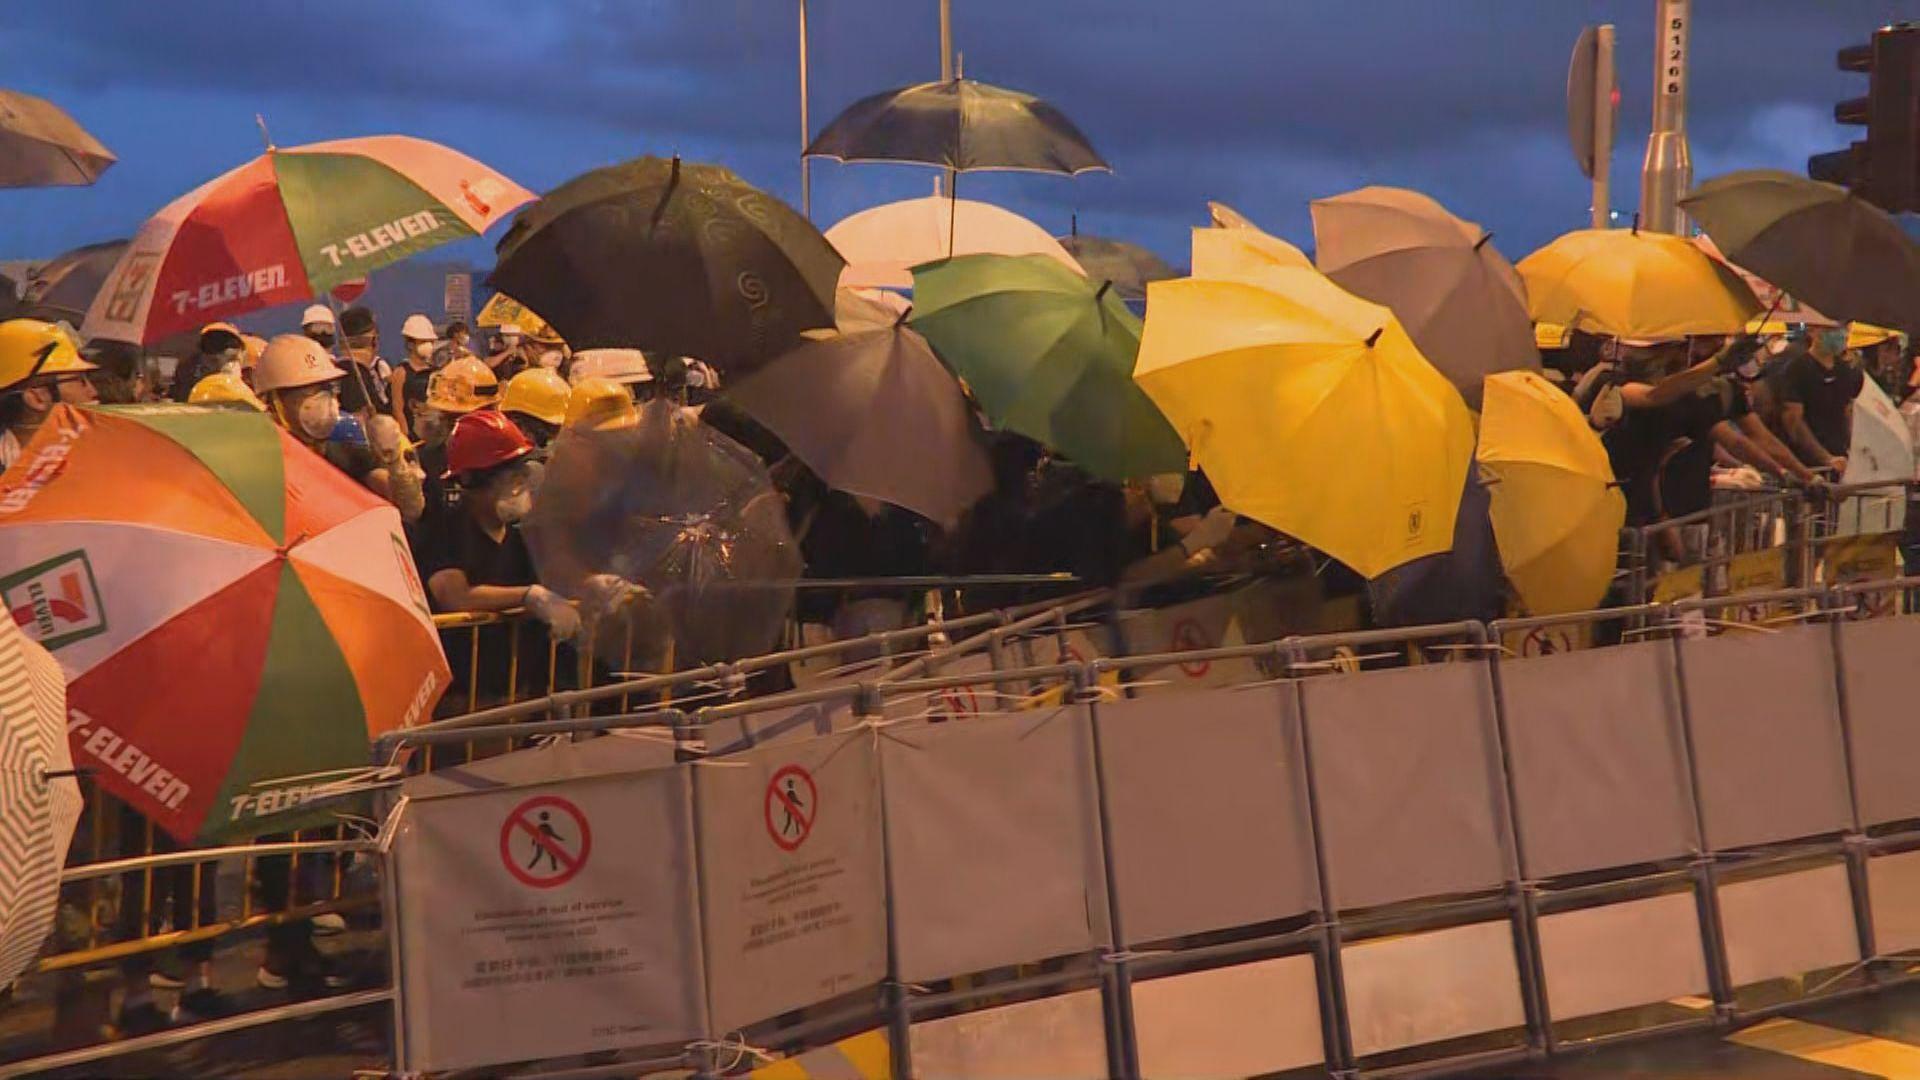 示威者將鐵馬推往會展方向 警方出示紅旗警告